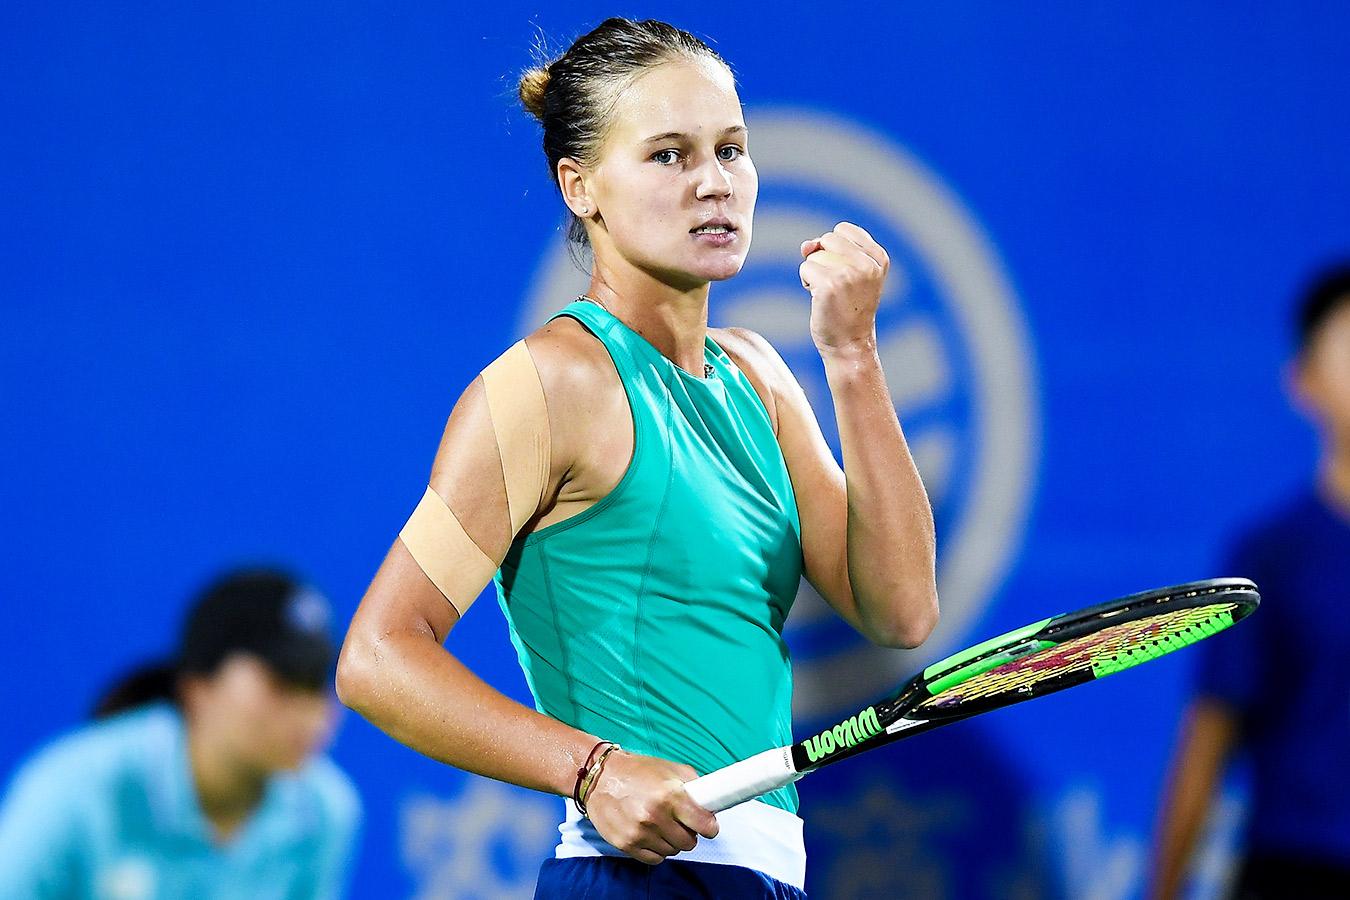 Кудерметова пробилась в полуфинал турнира в Стамбуле, где сразится с Мертенс